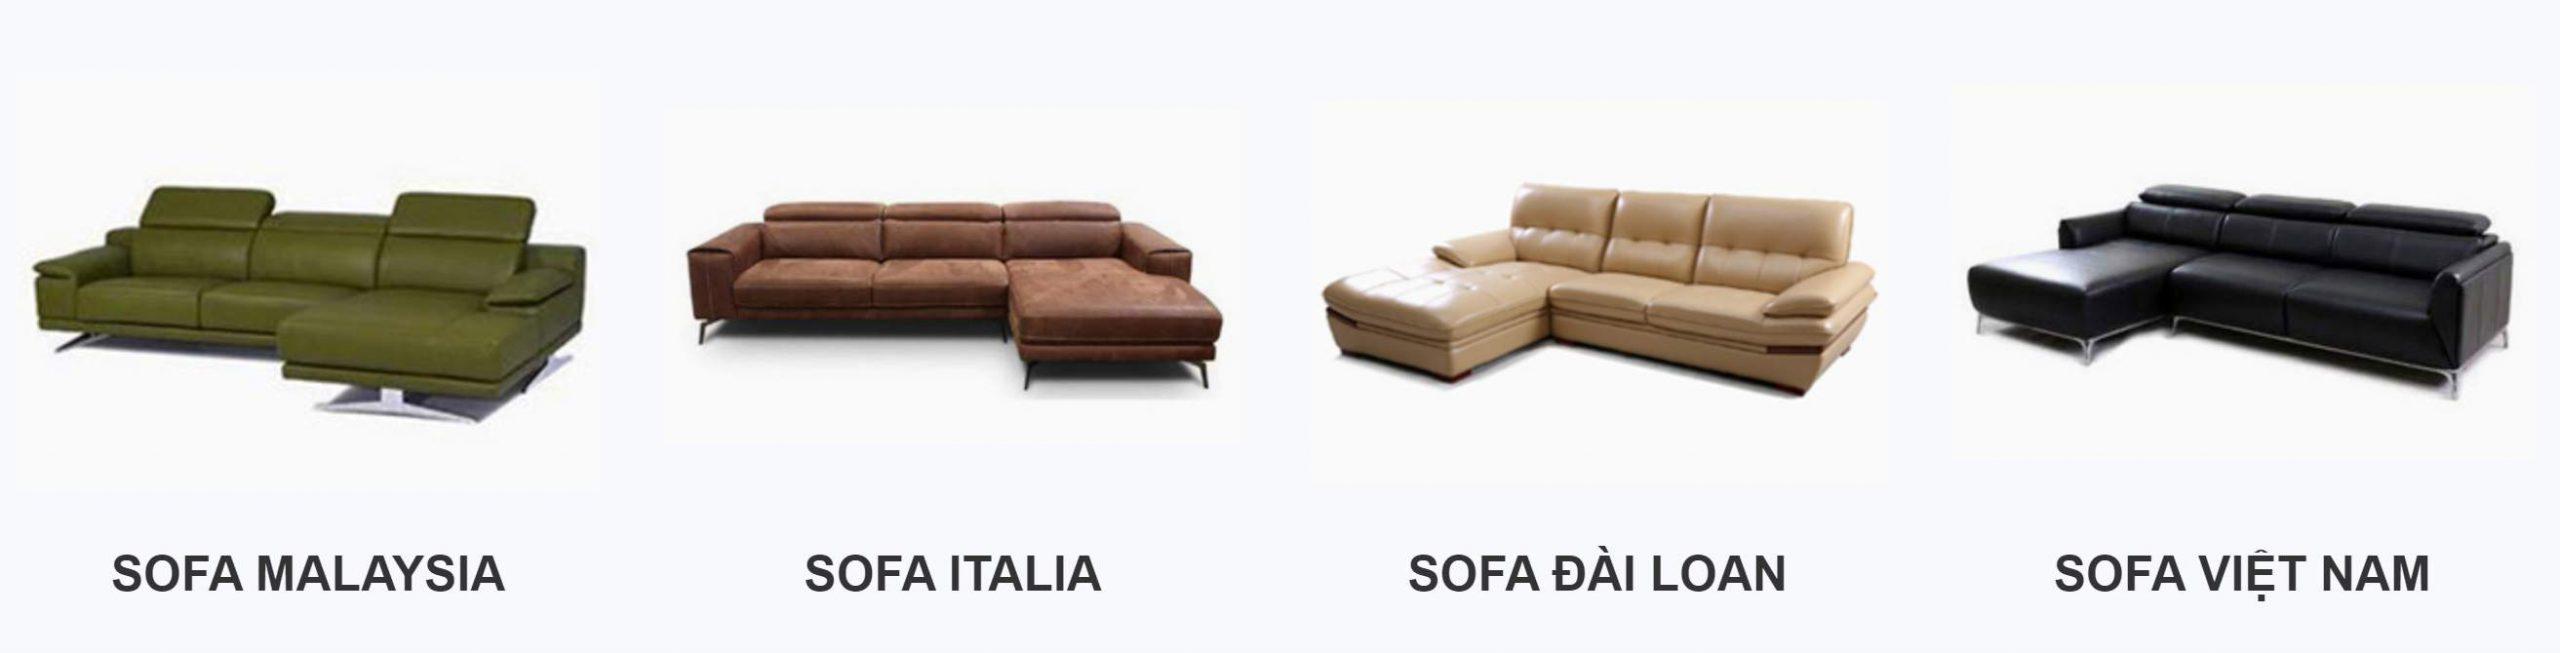 Nguồn gốc sofa